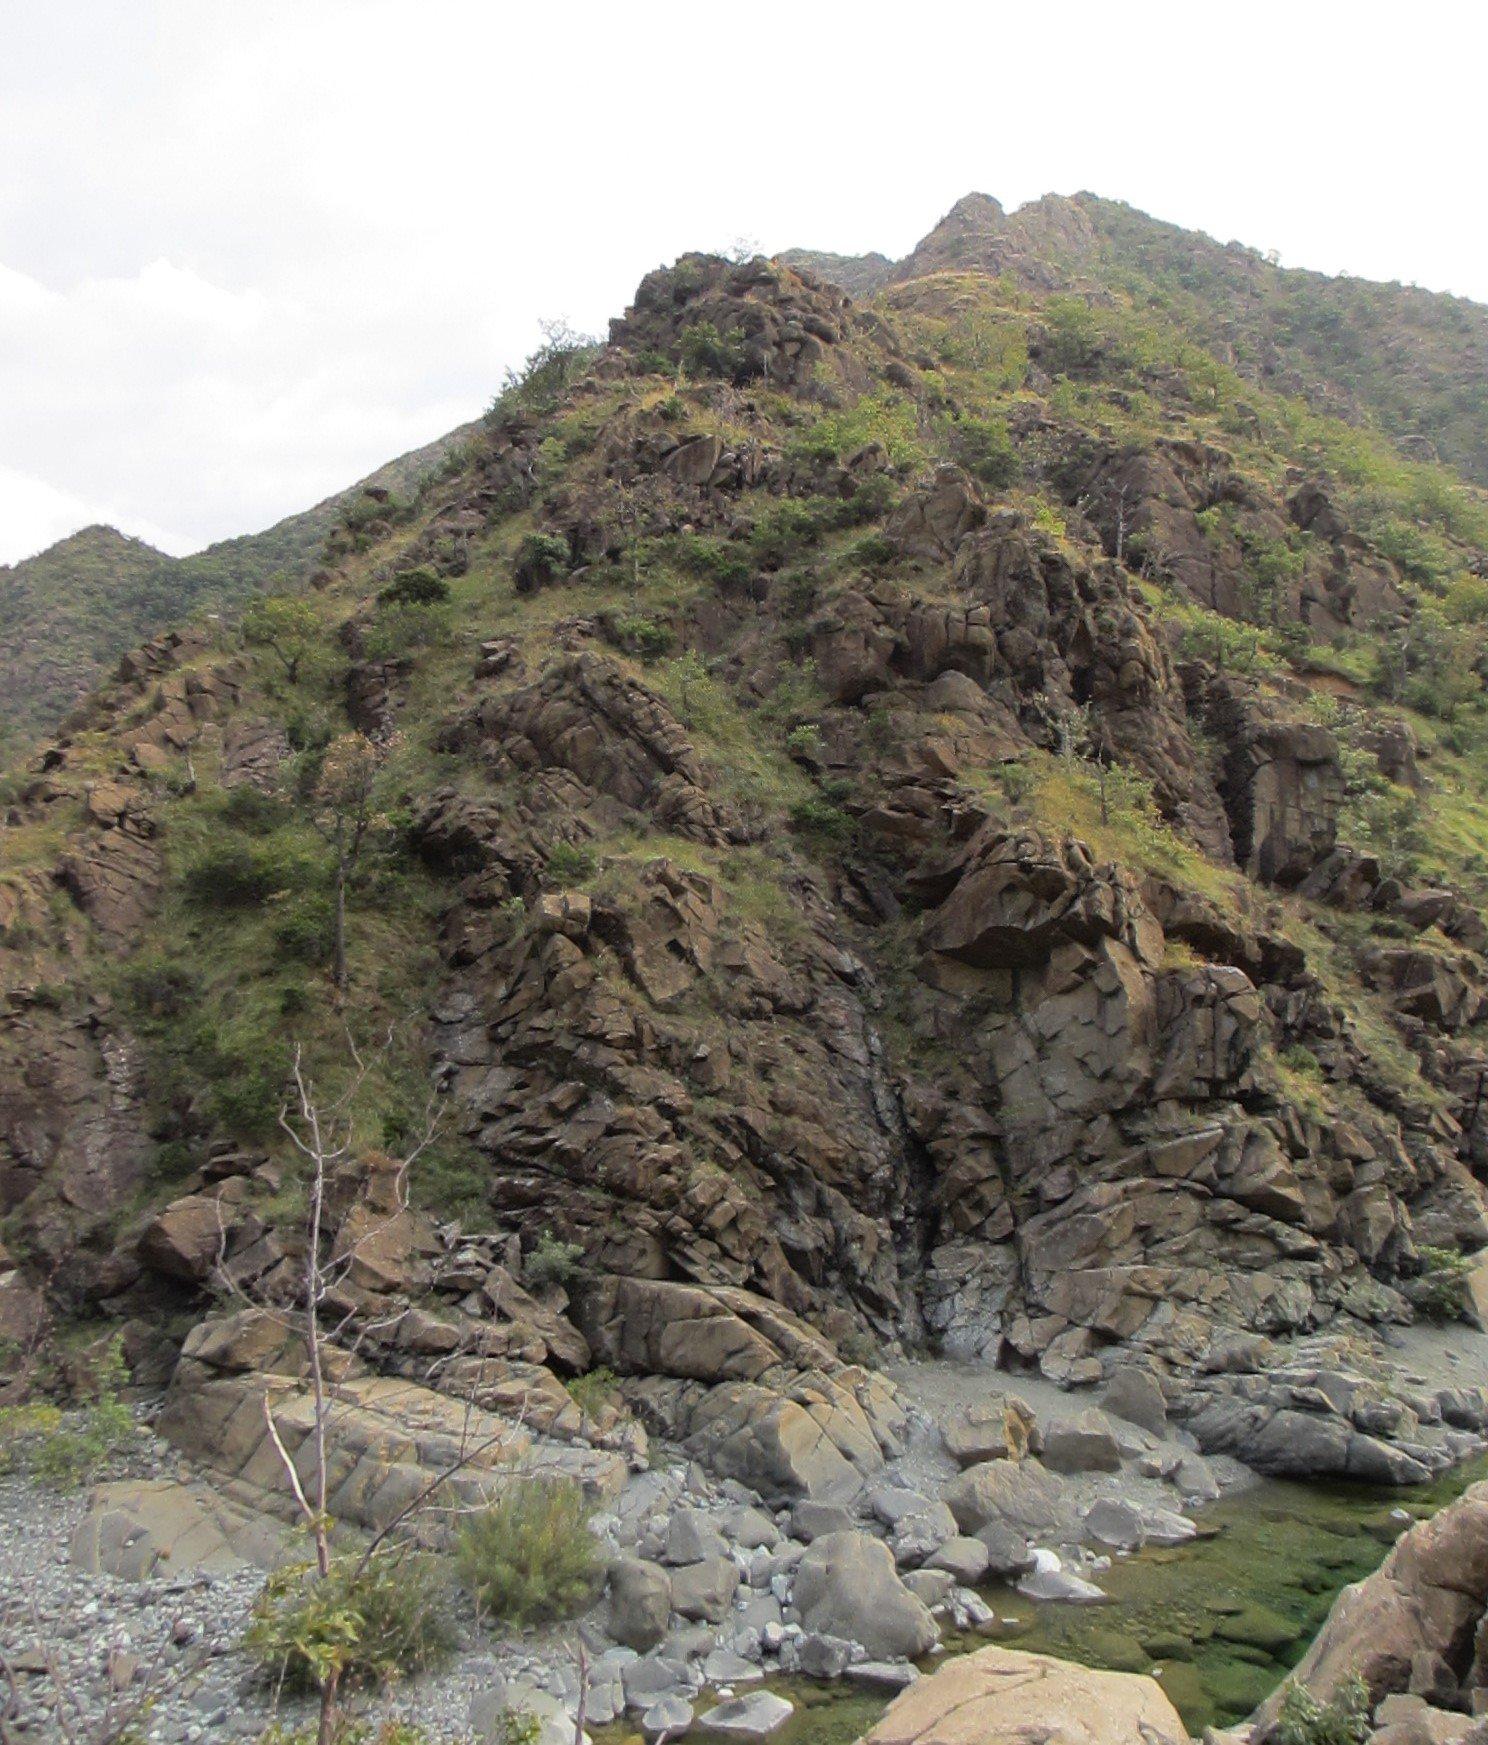 L'inizio della cresta del monte Tugello vista da un altro lato